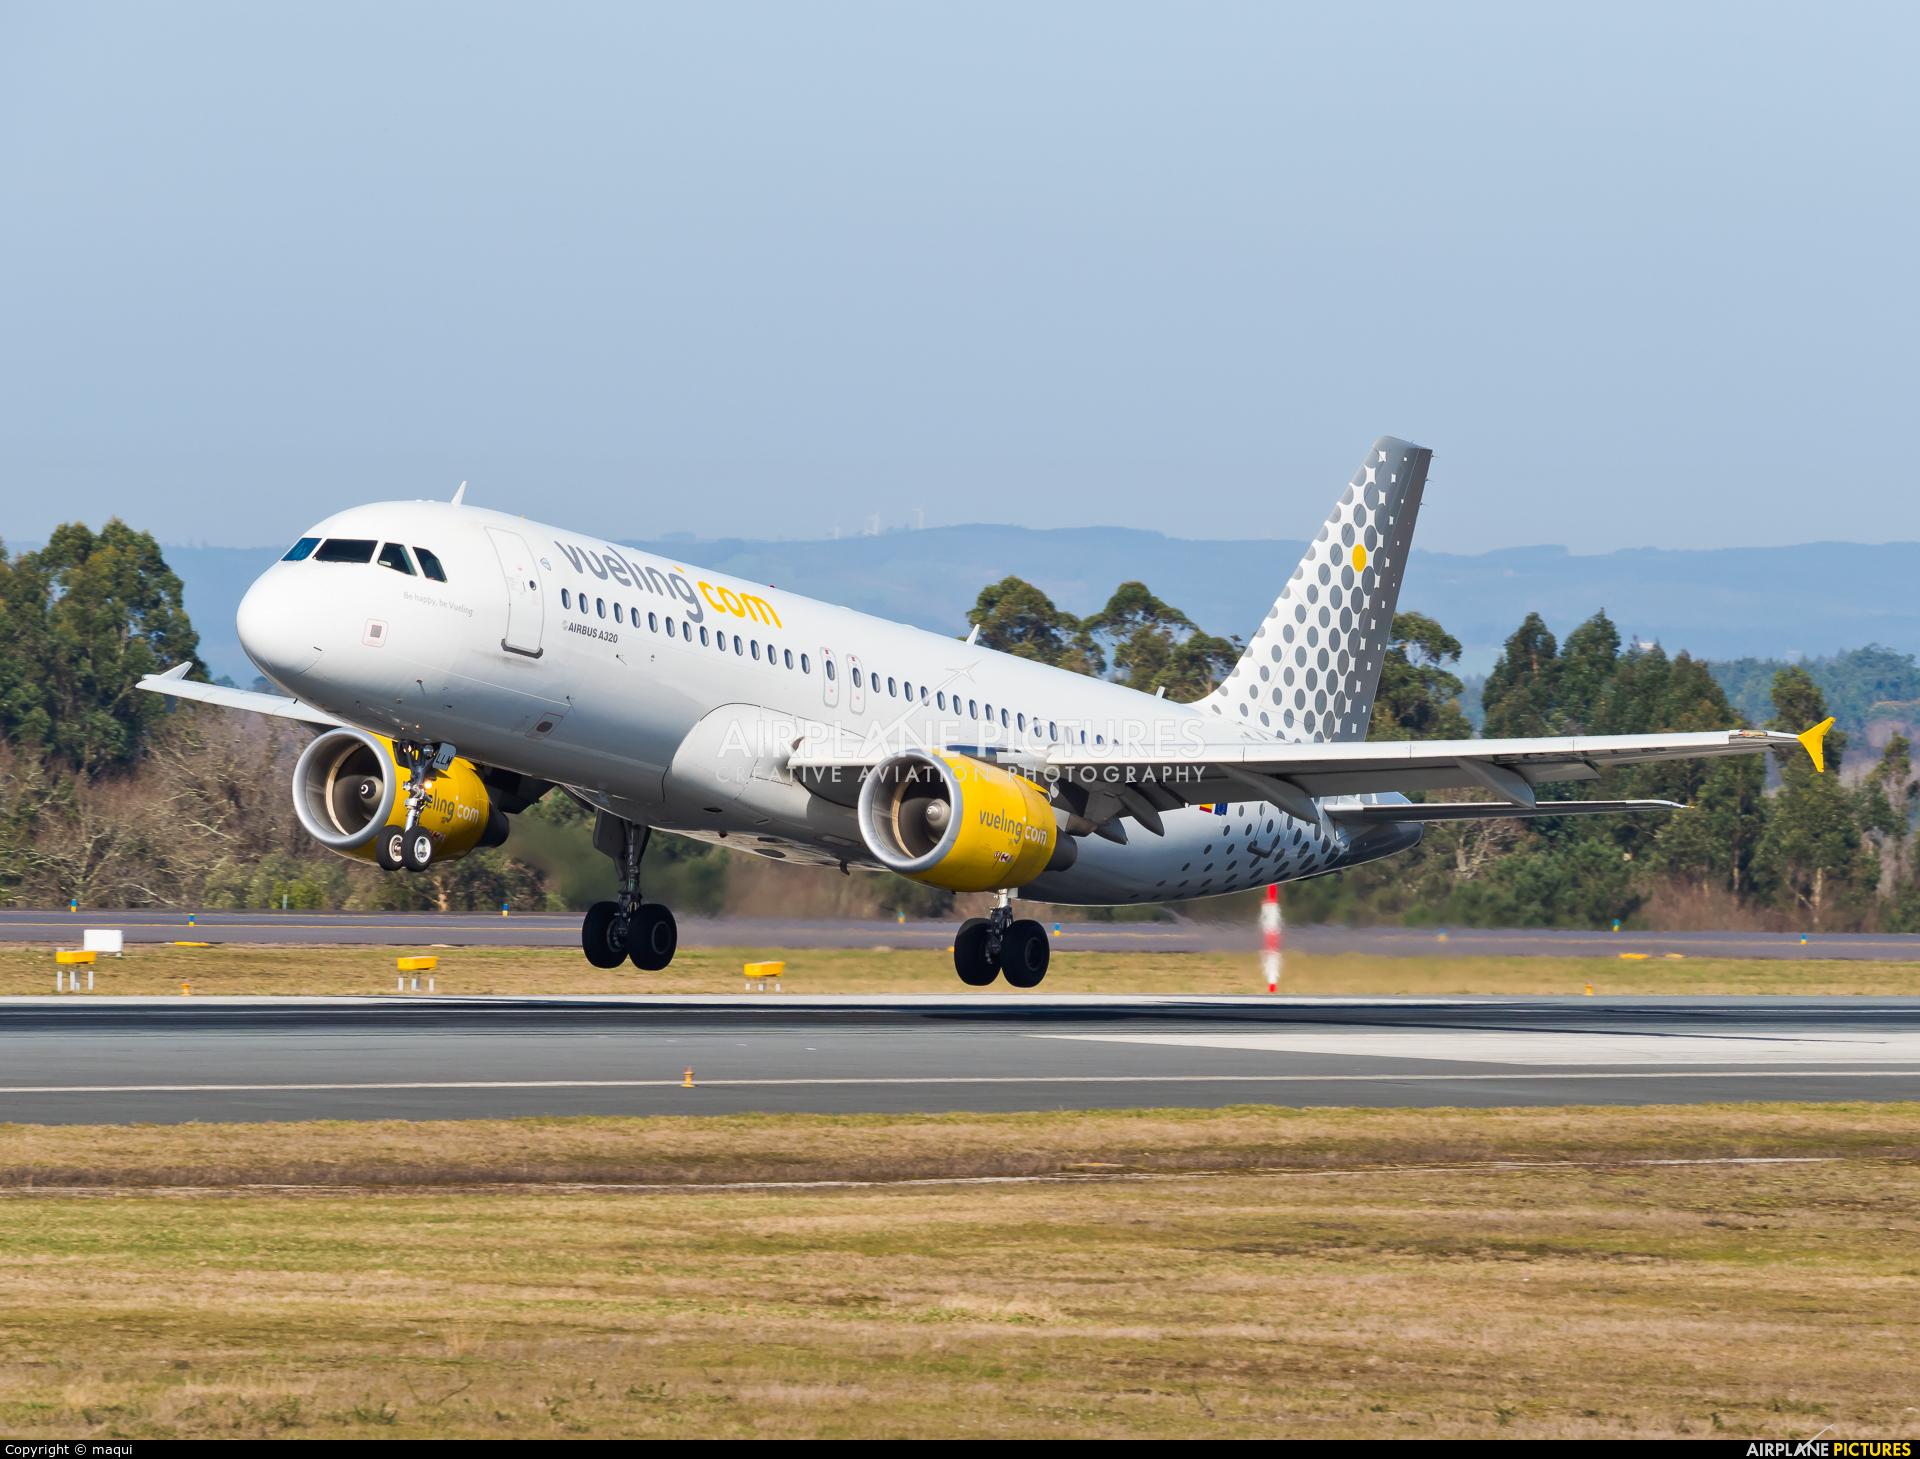 Vueling Airlines EC-LLM aircraft at Santiago de Compostela